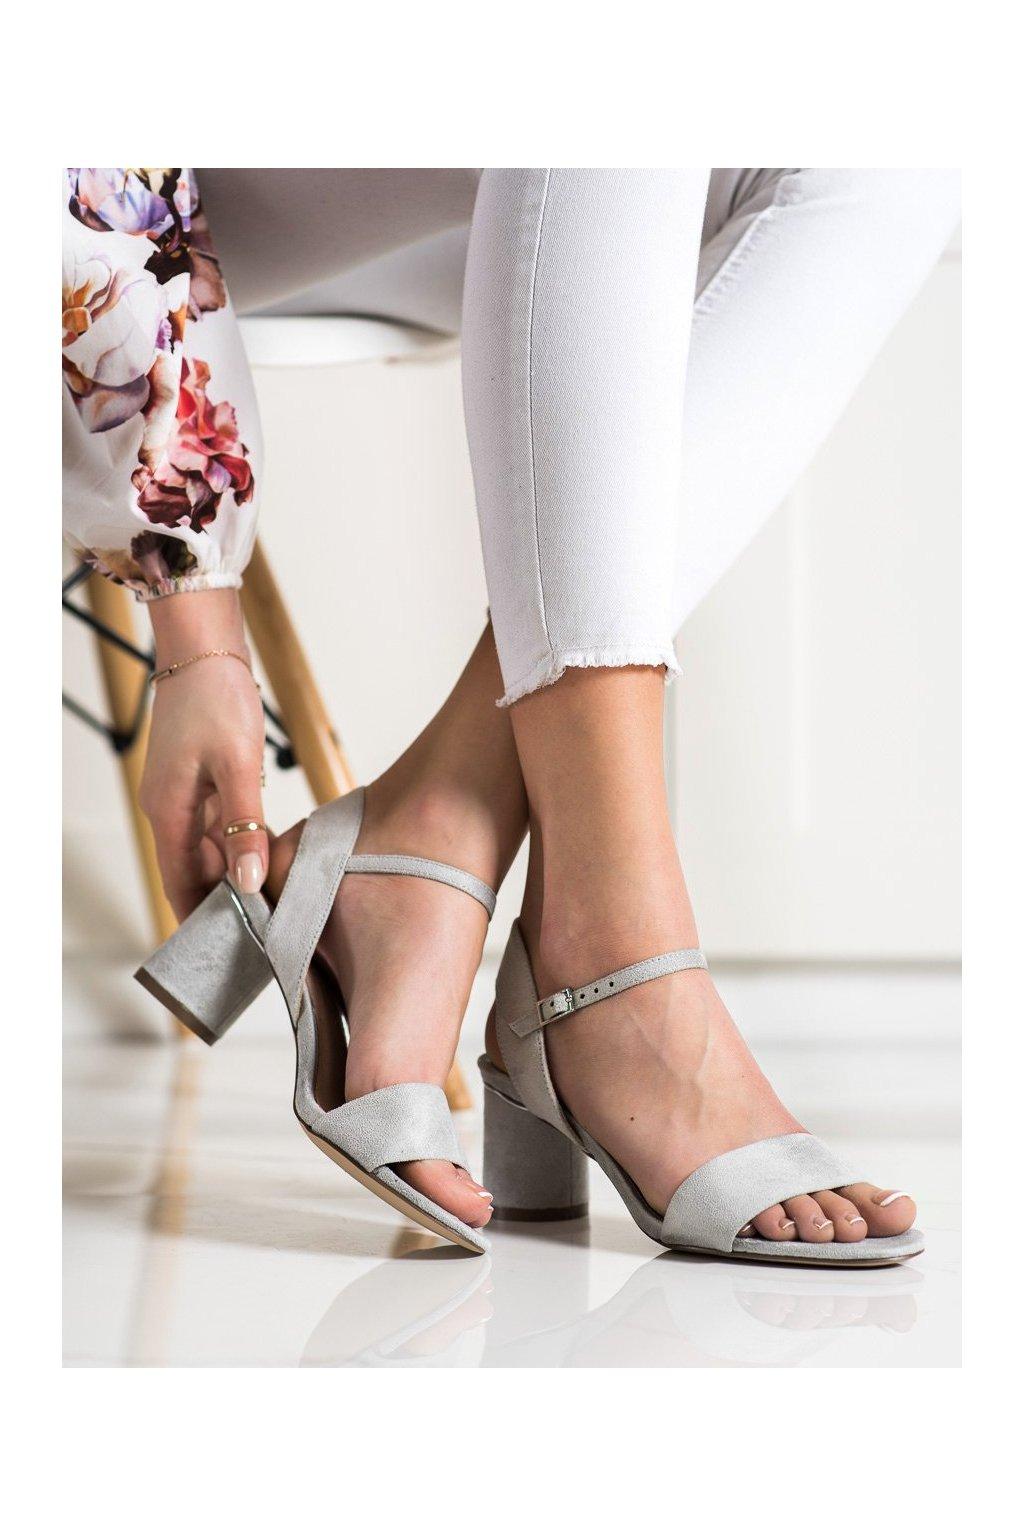 Sivé sandále na podpätku Evento kod 20SD35-1821LT.G